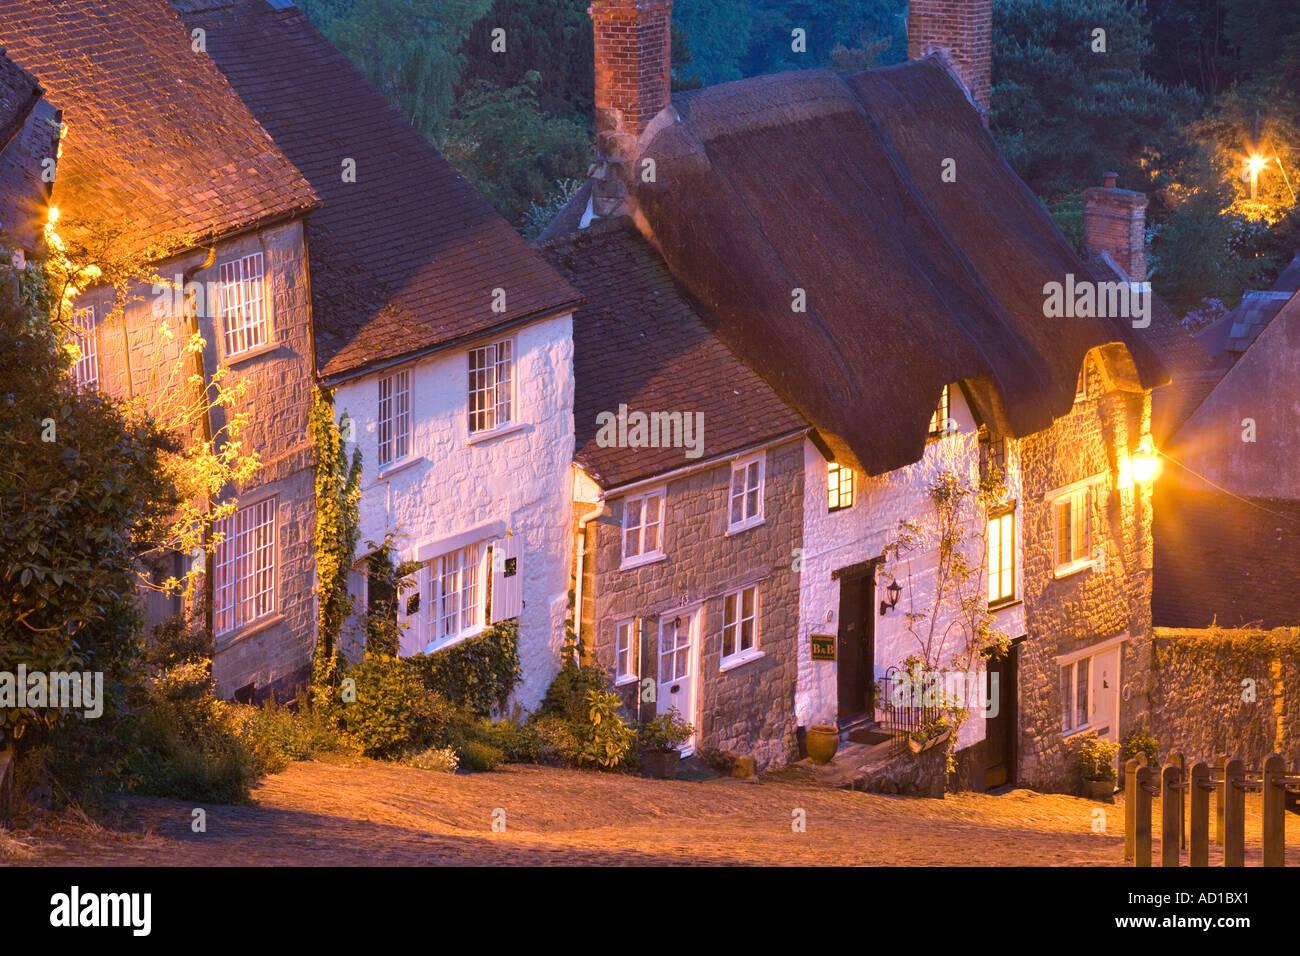 Gold Hill, Shaftesbury, Dorset, England, UK - Stock Image